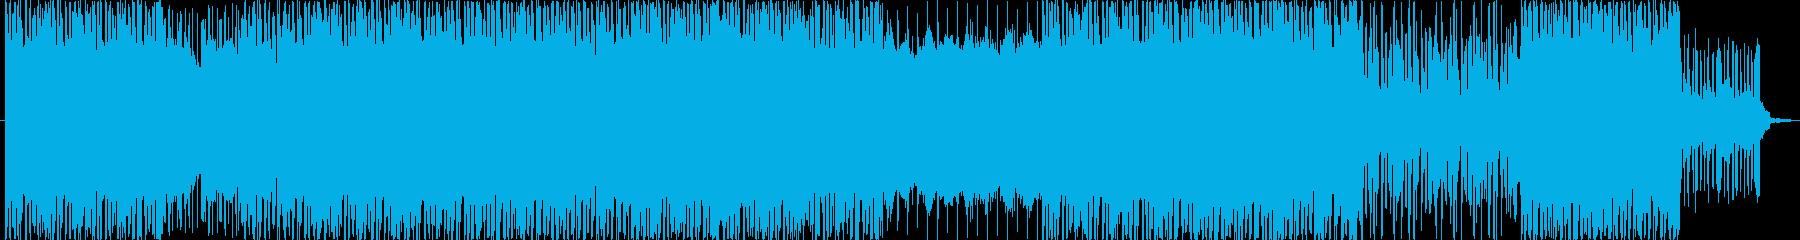 近未来なエレクトロニカ風ミュージックで…の再生済みの波形